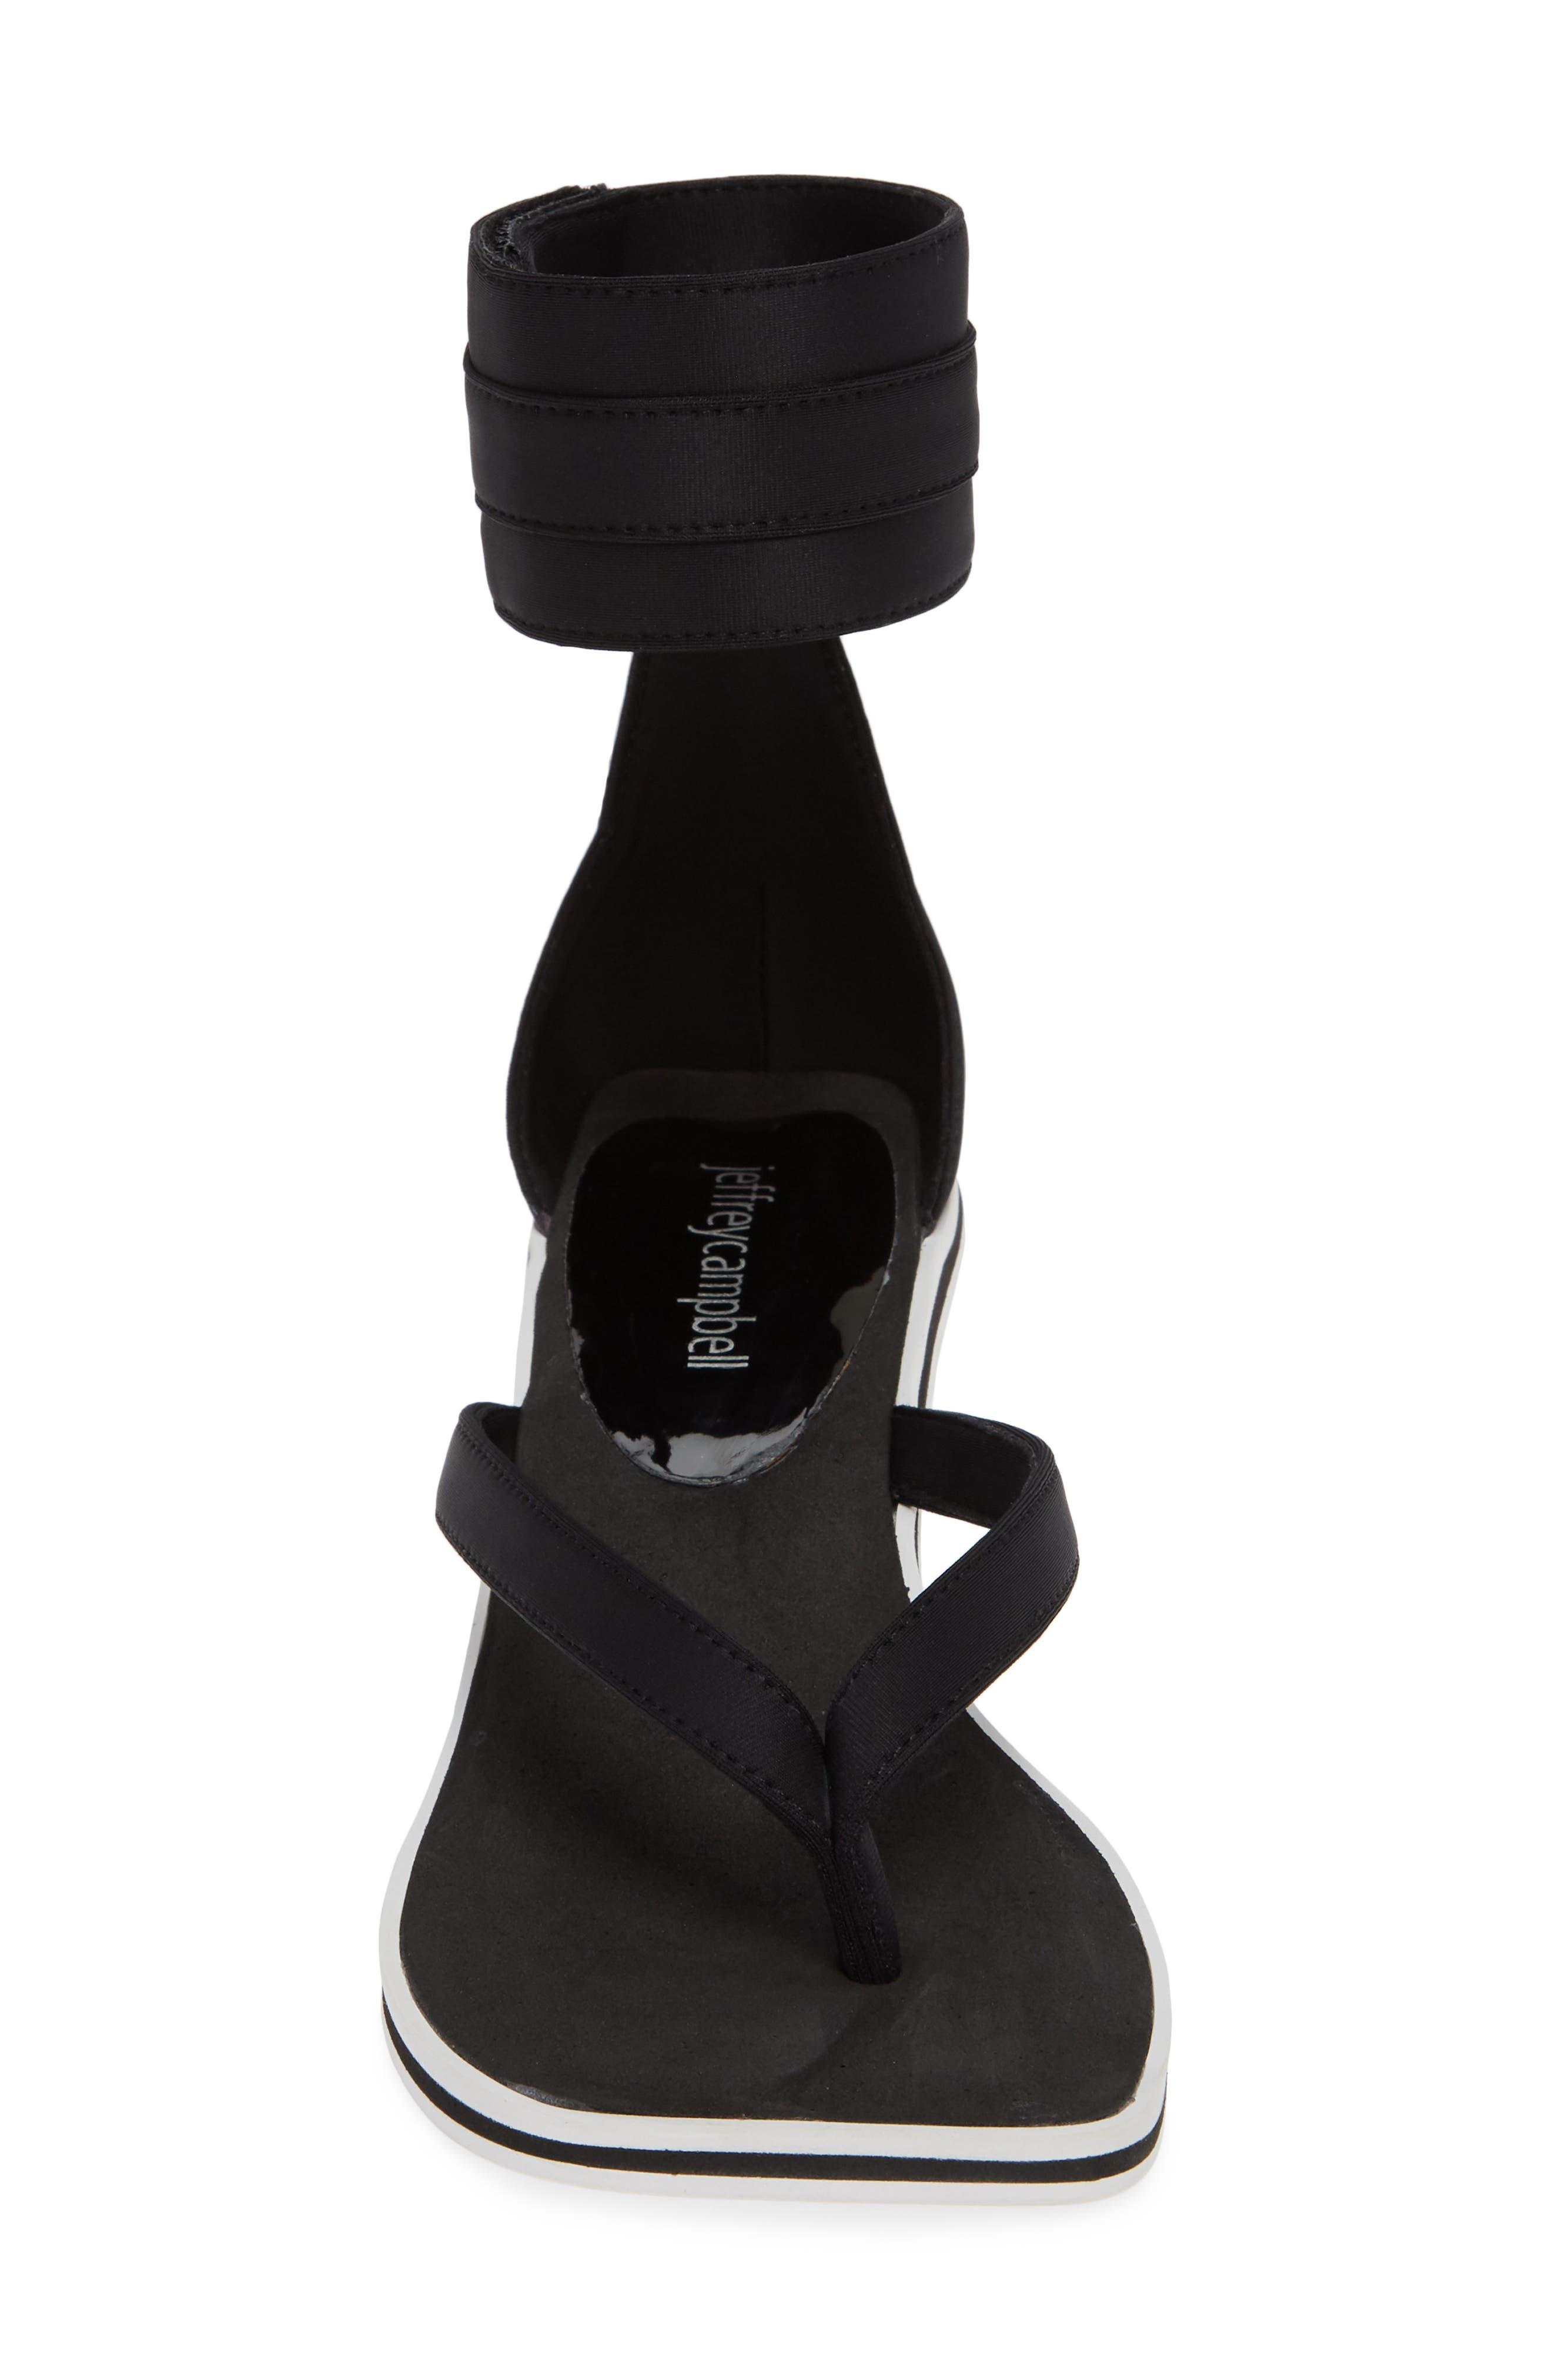 Dribble Cuff Pedestal Sandal,                             Alternate thumbnail 4, color,                             Black Neoprene White Fabric